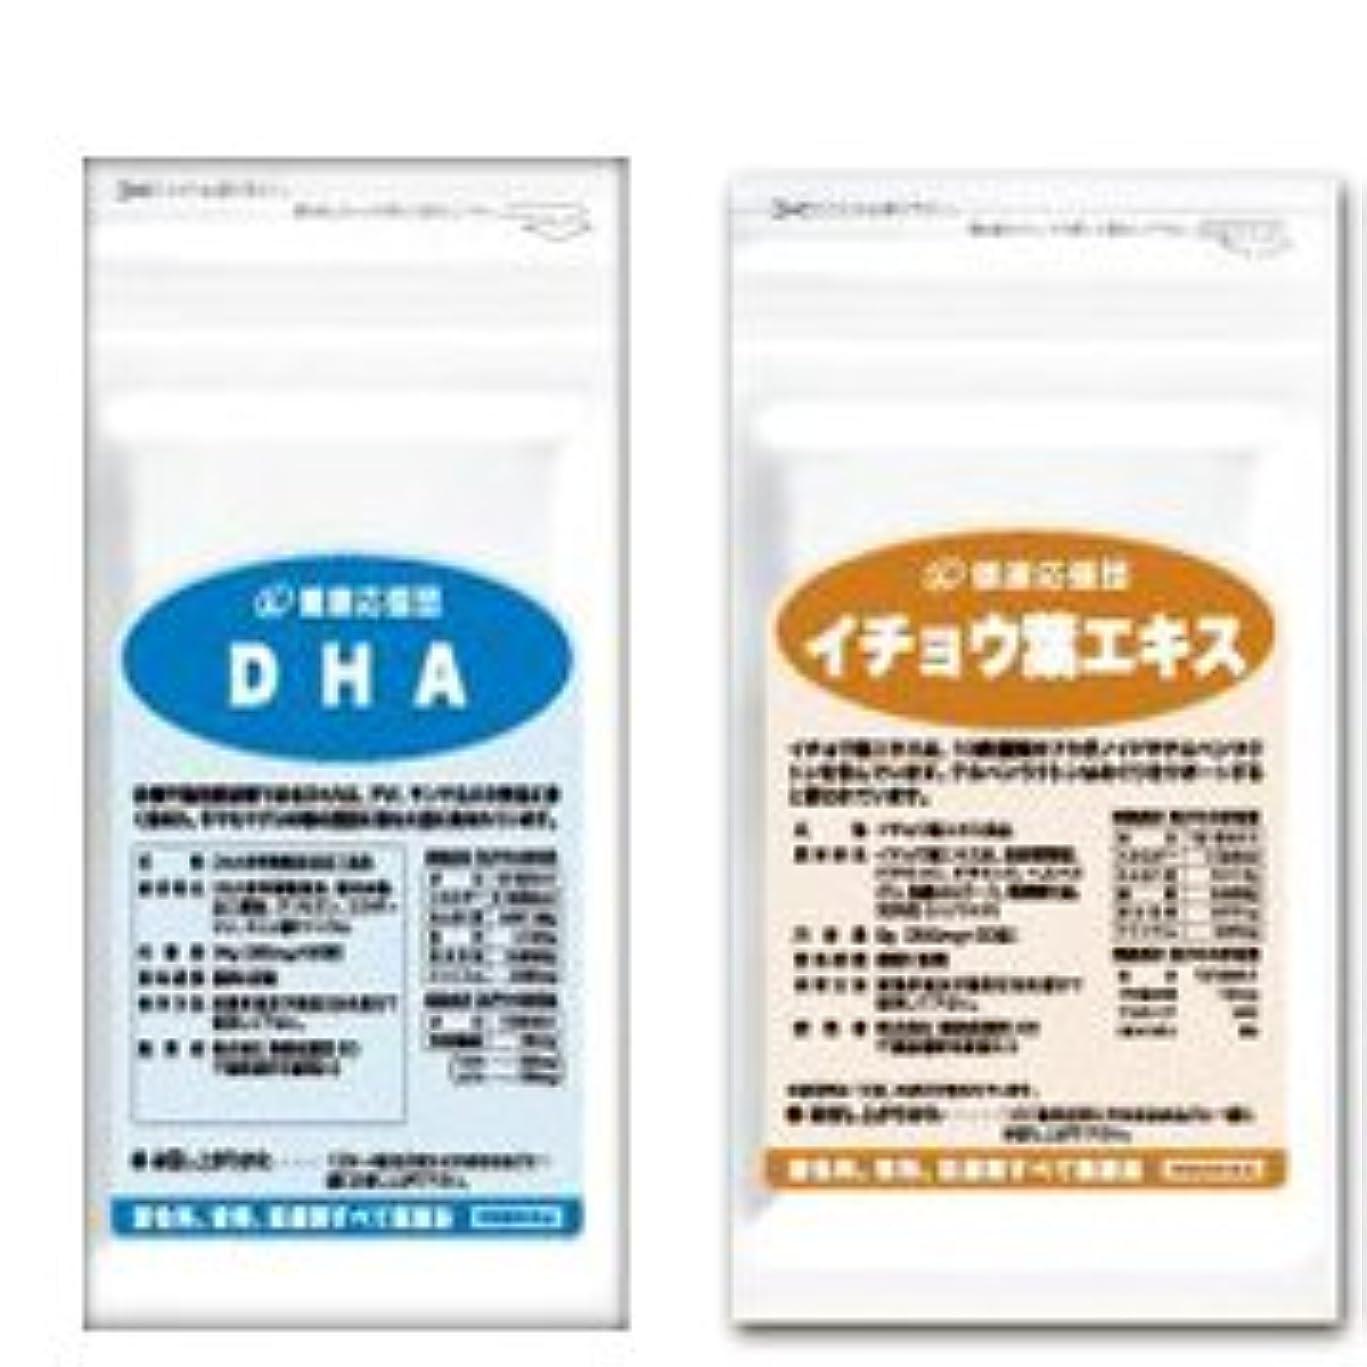 ピンポイント癒す識別(お徳用12か月分)サラサラ巡りセット DHA + イチョウ葉エキス 12袋&12袋セット(DHA?EPA?イチョウ葉?ビタミンC?ビタミンE?ビタミンP配合)